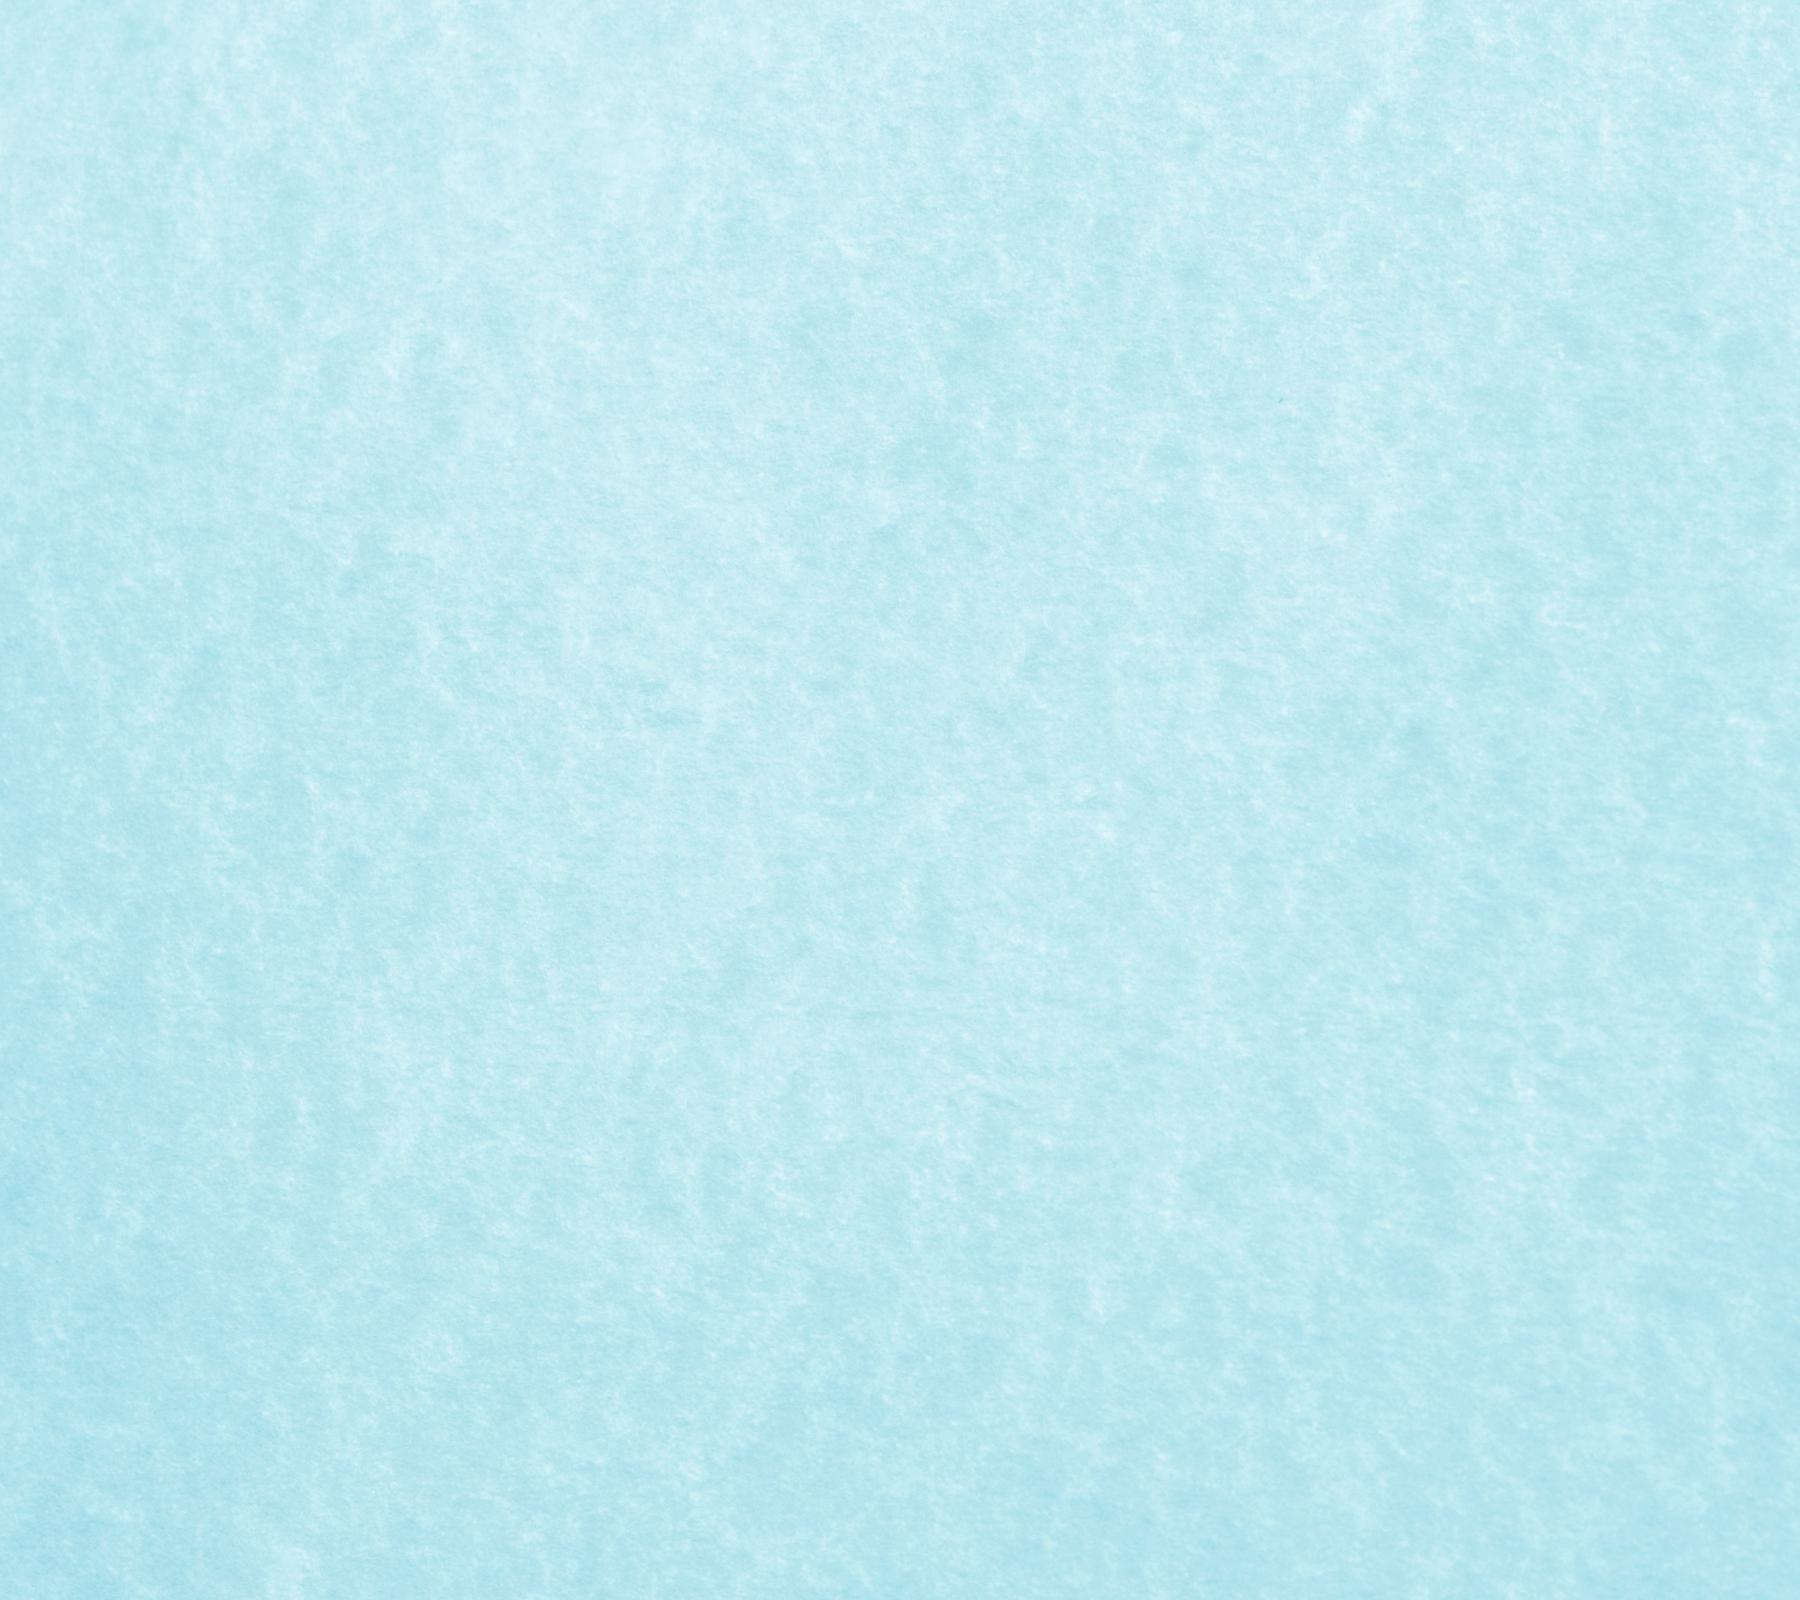 Light Blue Parchment Paper Background 1800x1600 Background Image 1800x1600